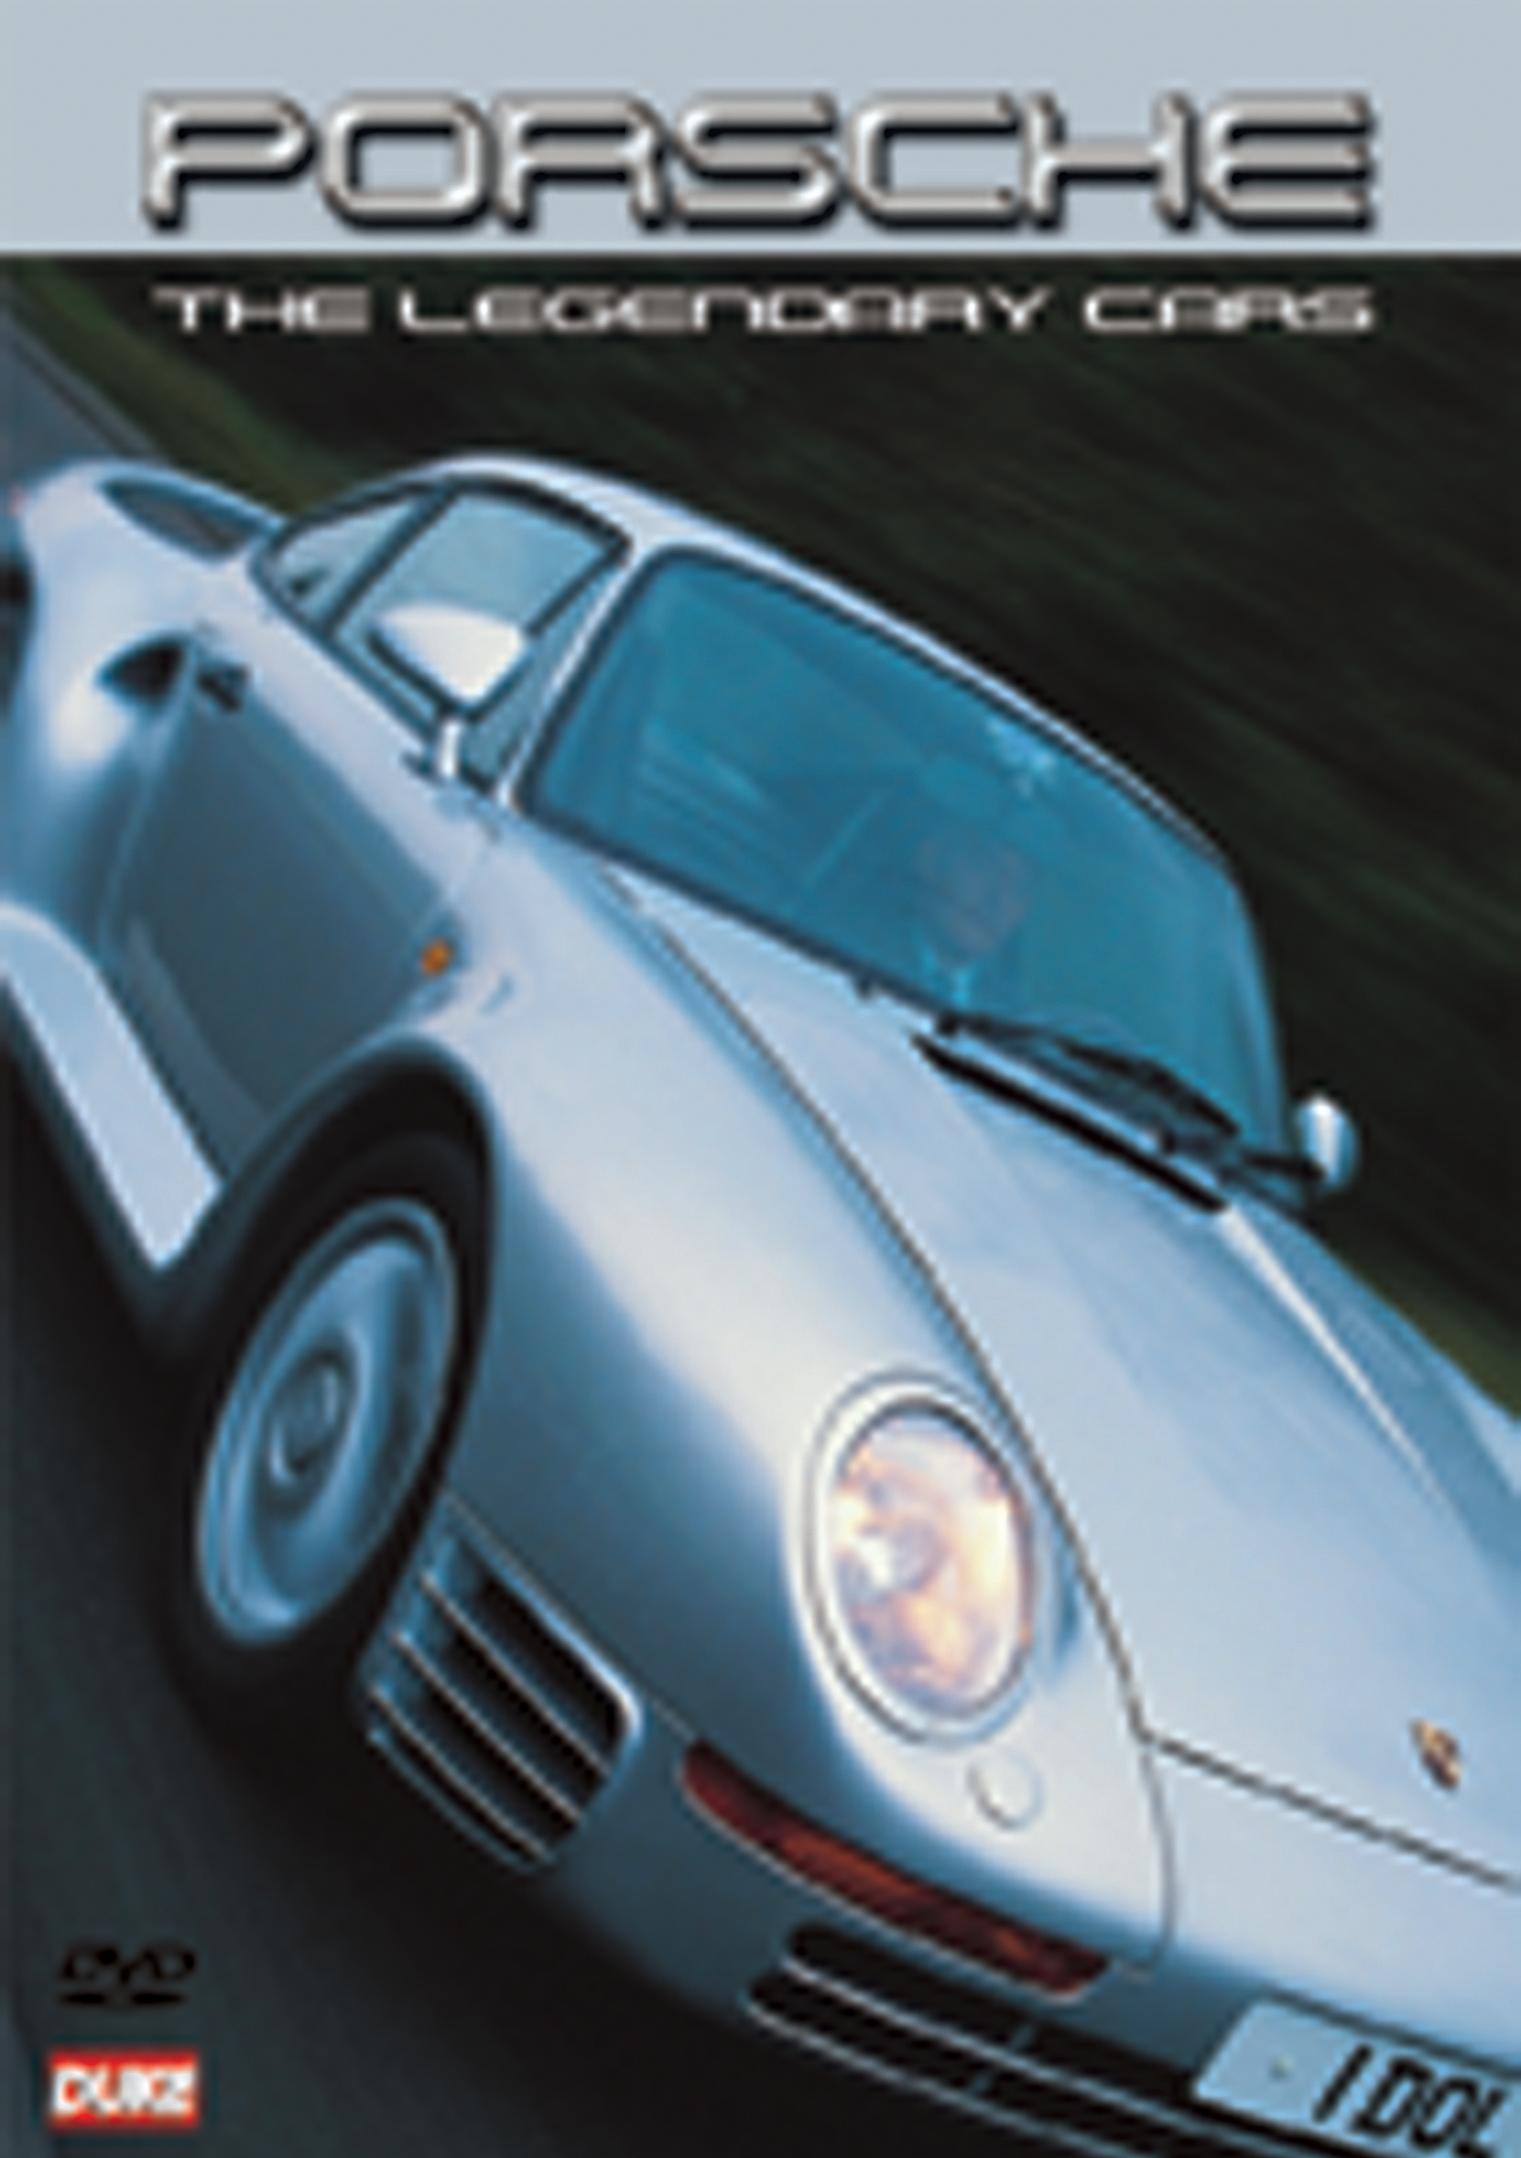 Porsche: The Legendary Cars